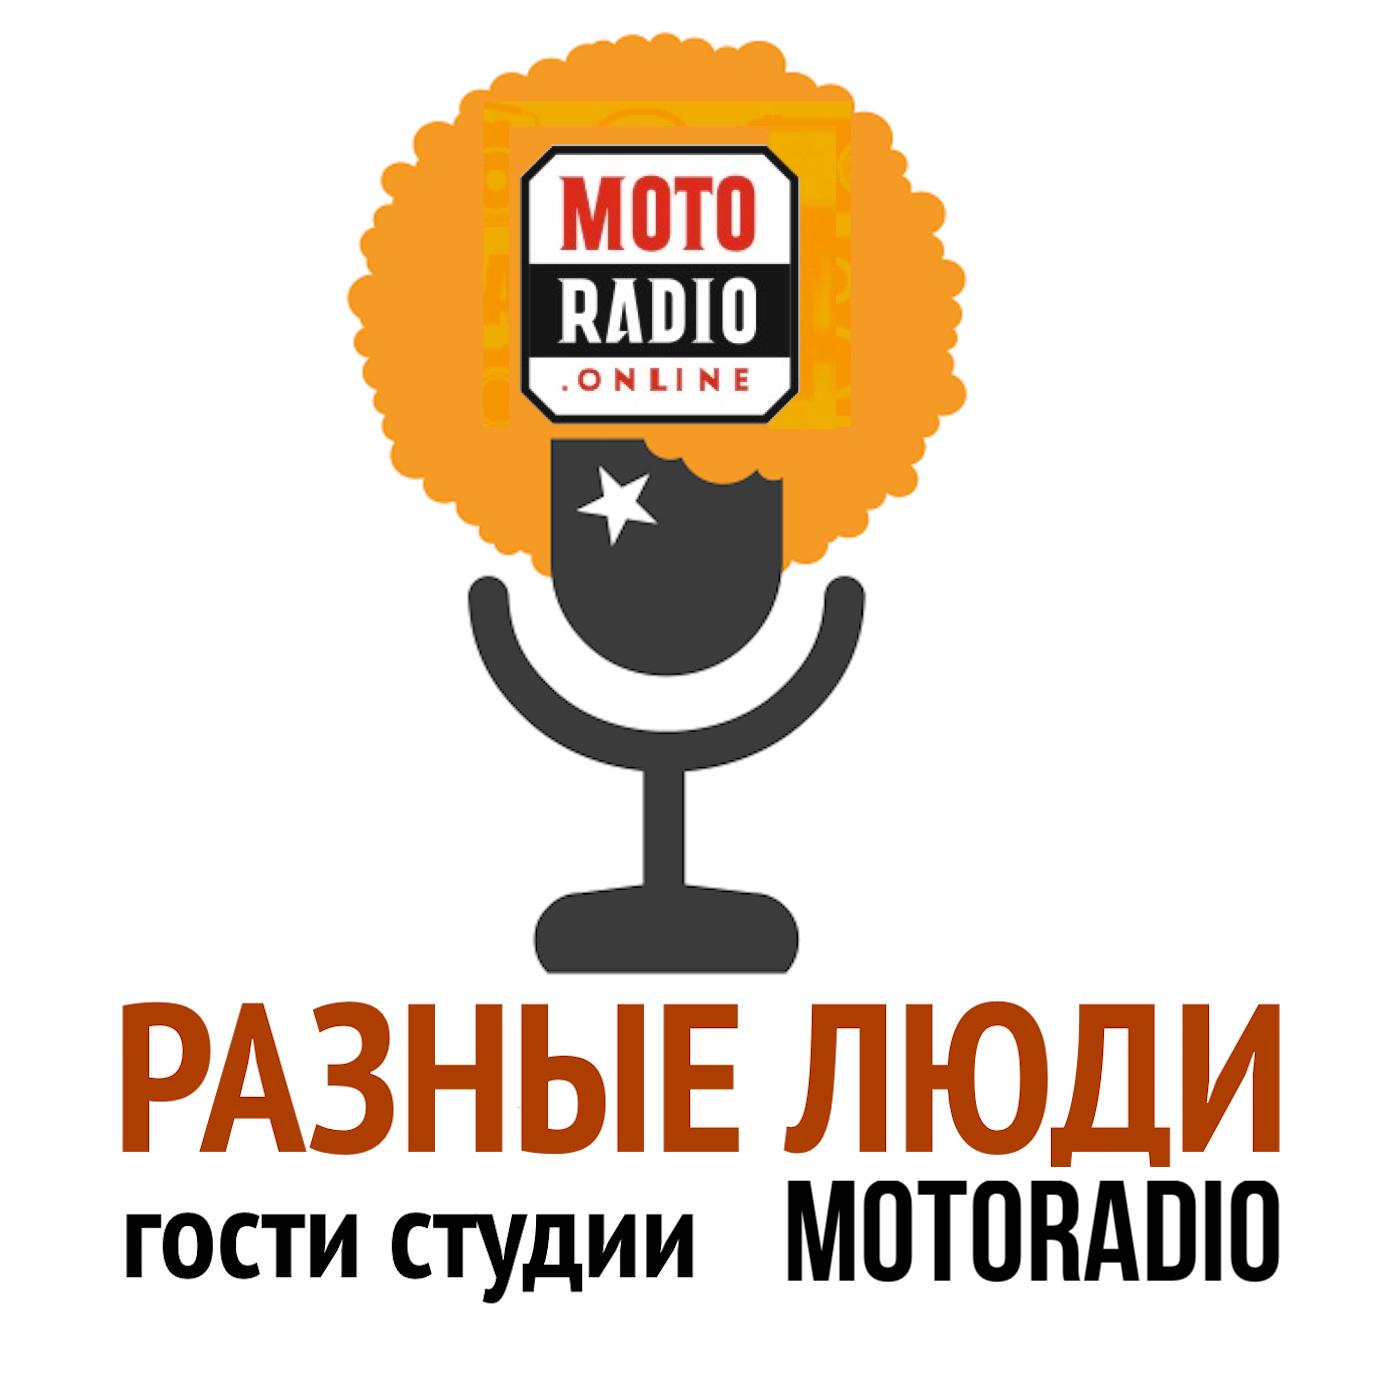 Моторадио Даниил Коцюбинский, публицист о DDoS-атаках на СМИ коцюбинский а коцюбинский д распутин жизнь смерь тайна